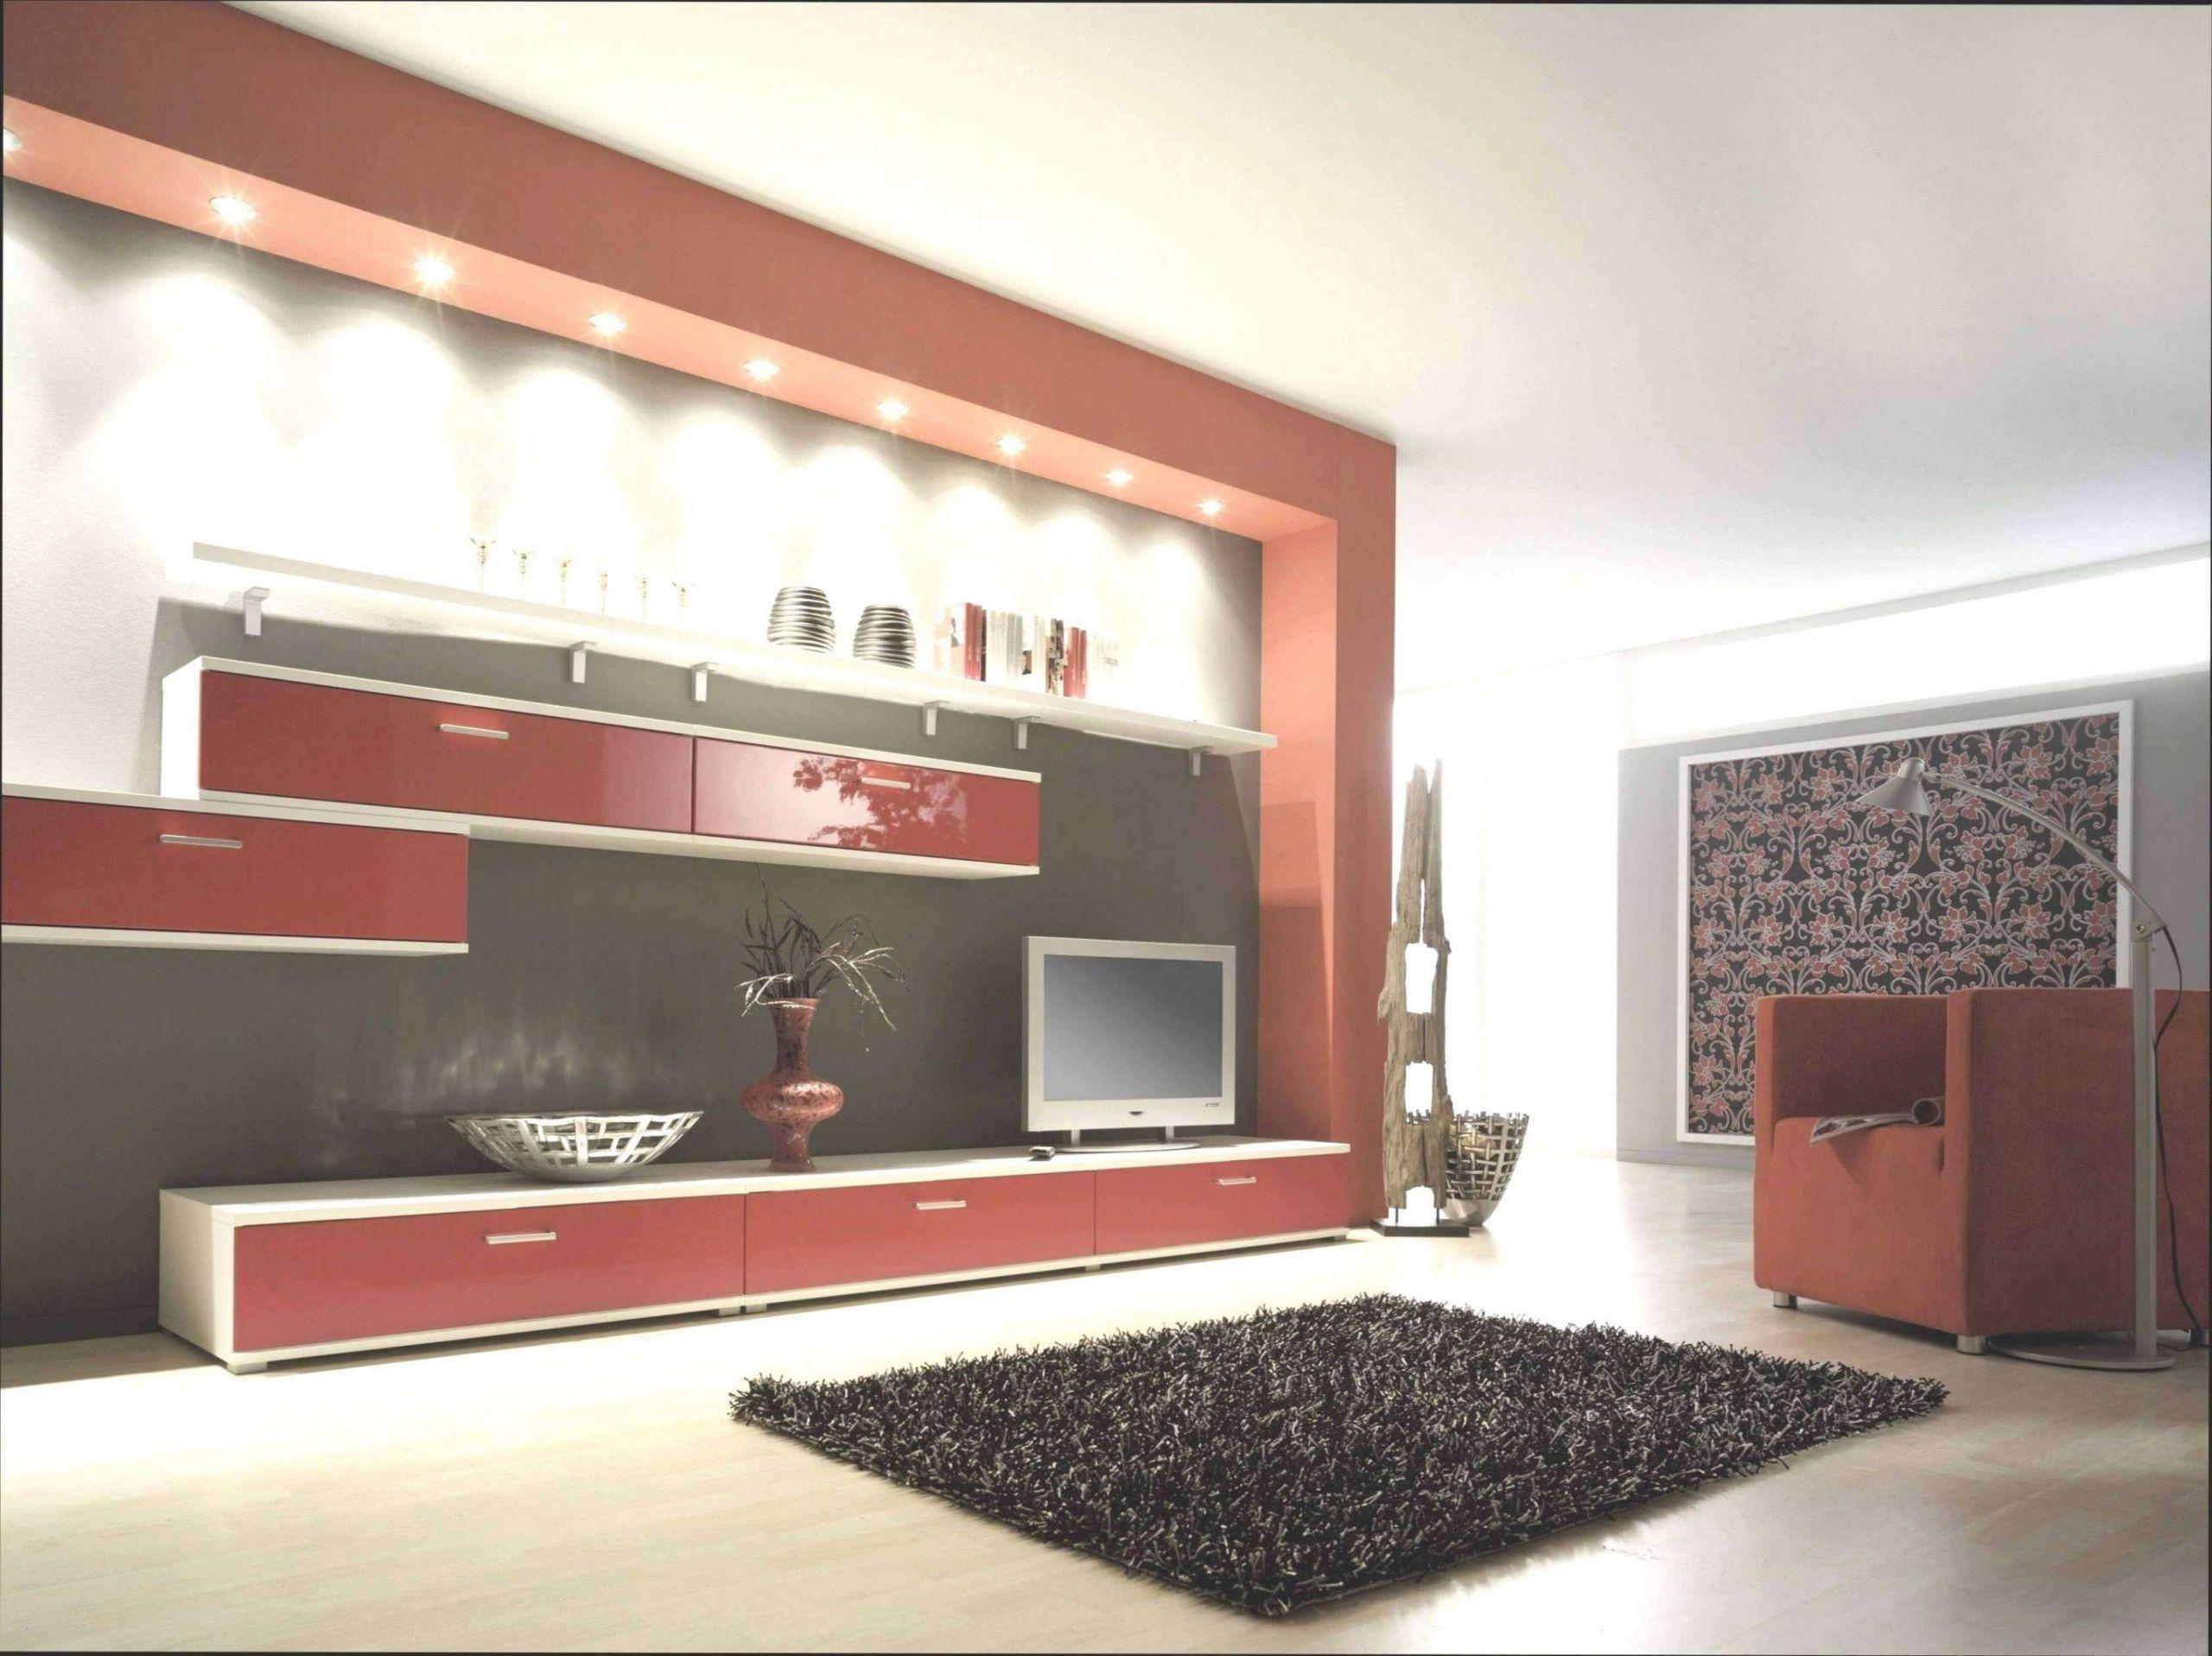 Wanddeko Für Den Garten Frisch 40 Luxus Ideen Fürs Wohnzimmer Neu